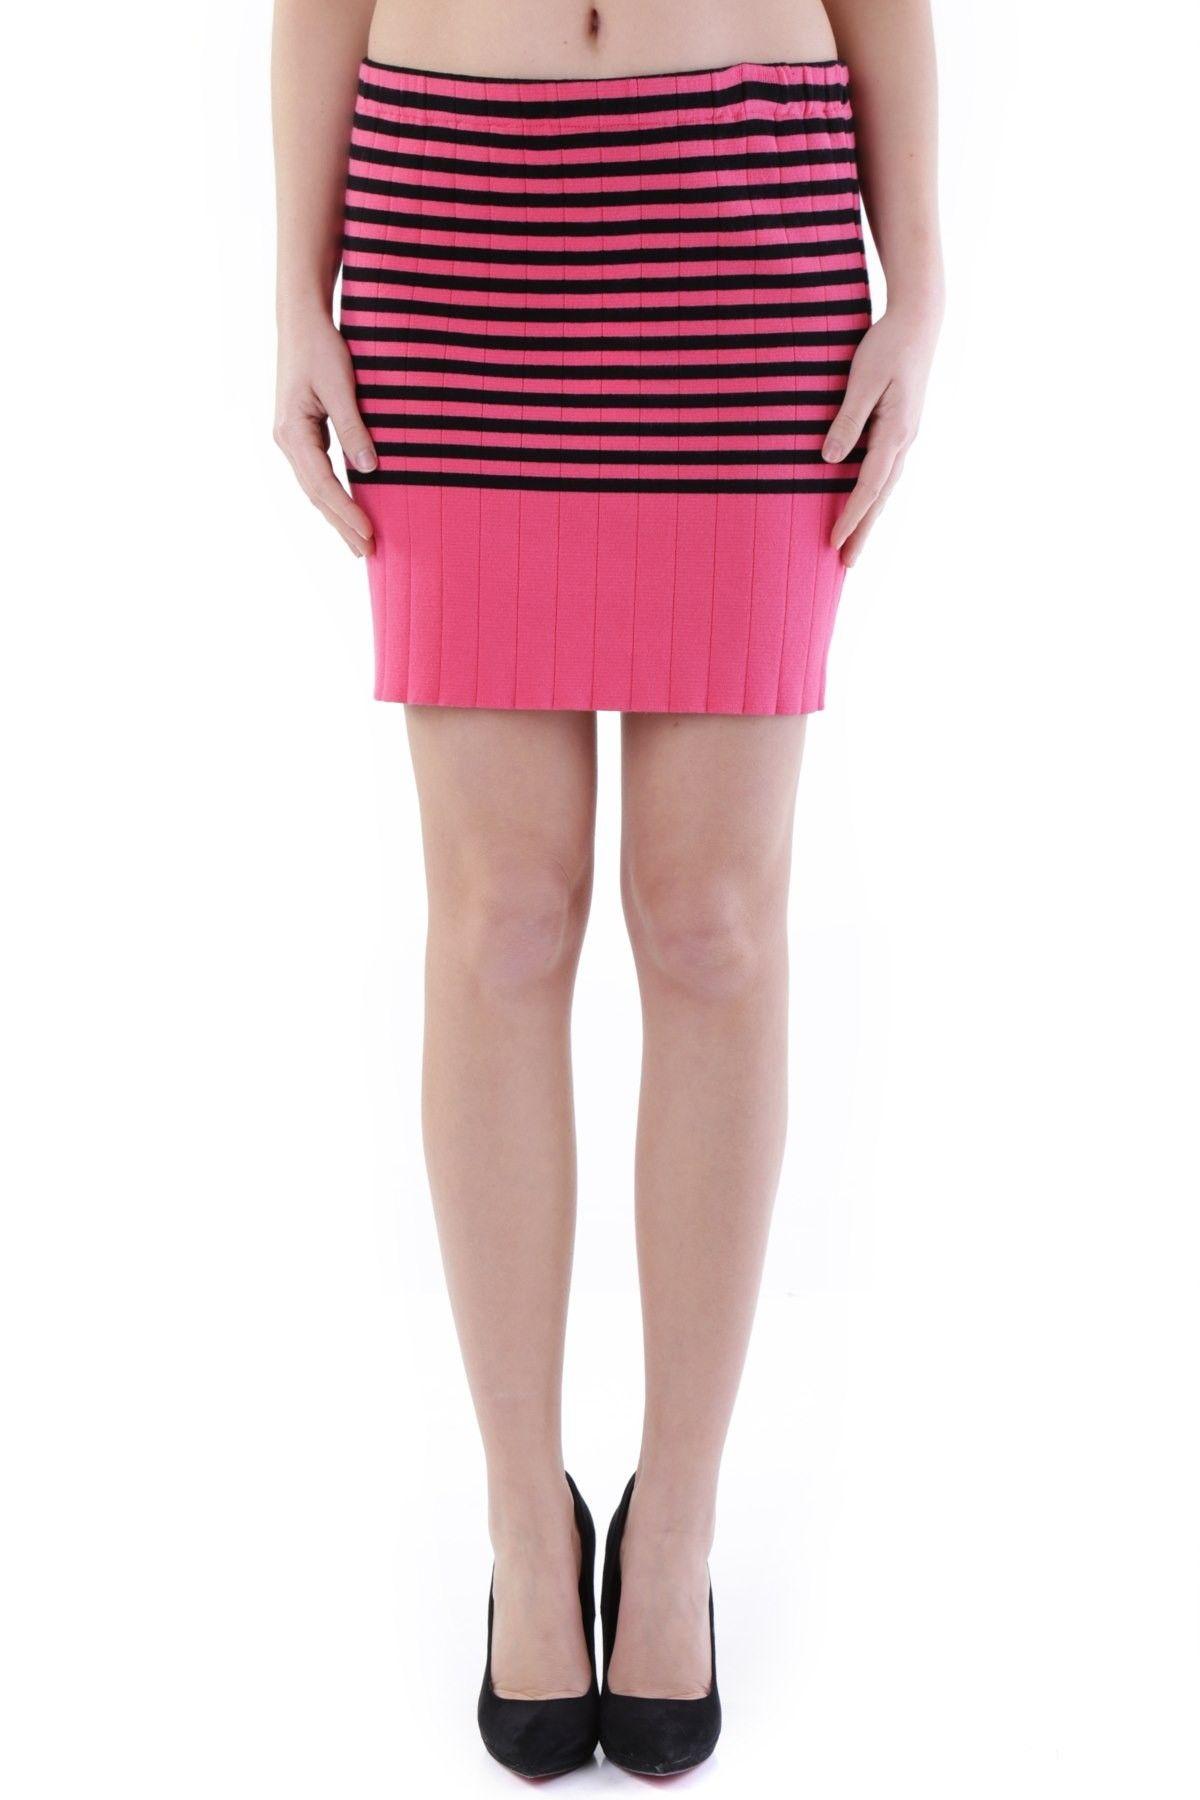 Olivia Hops Women's Skirt In Pink